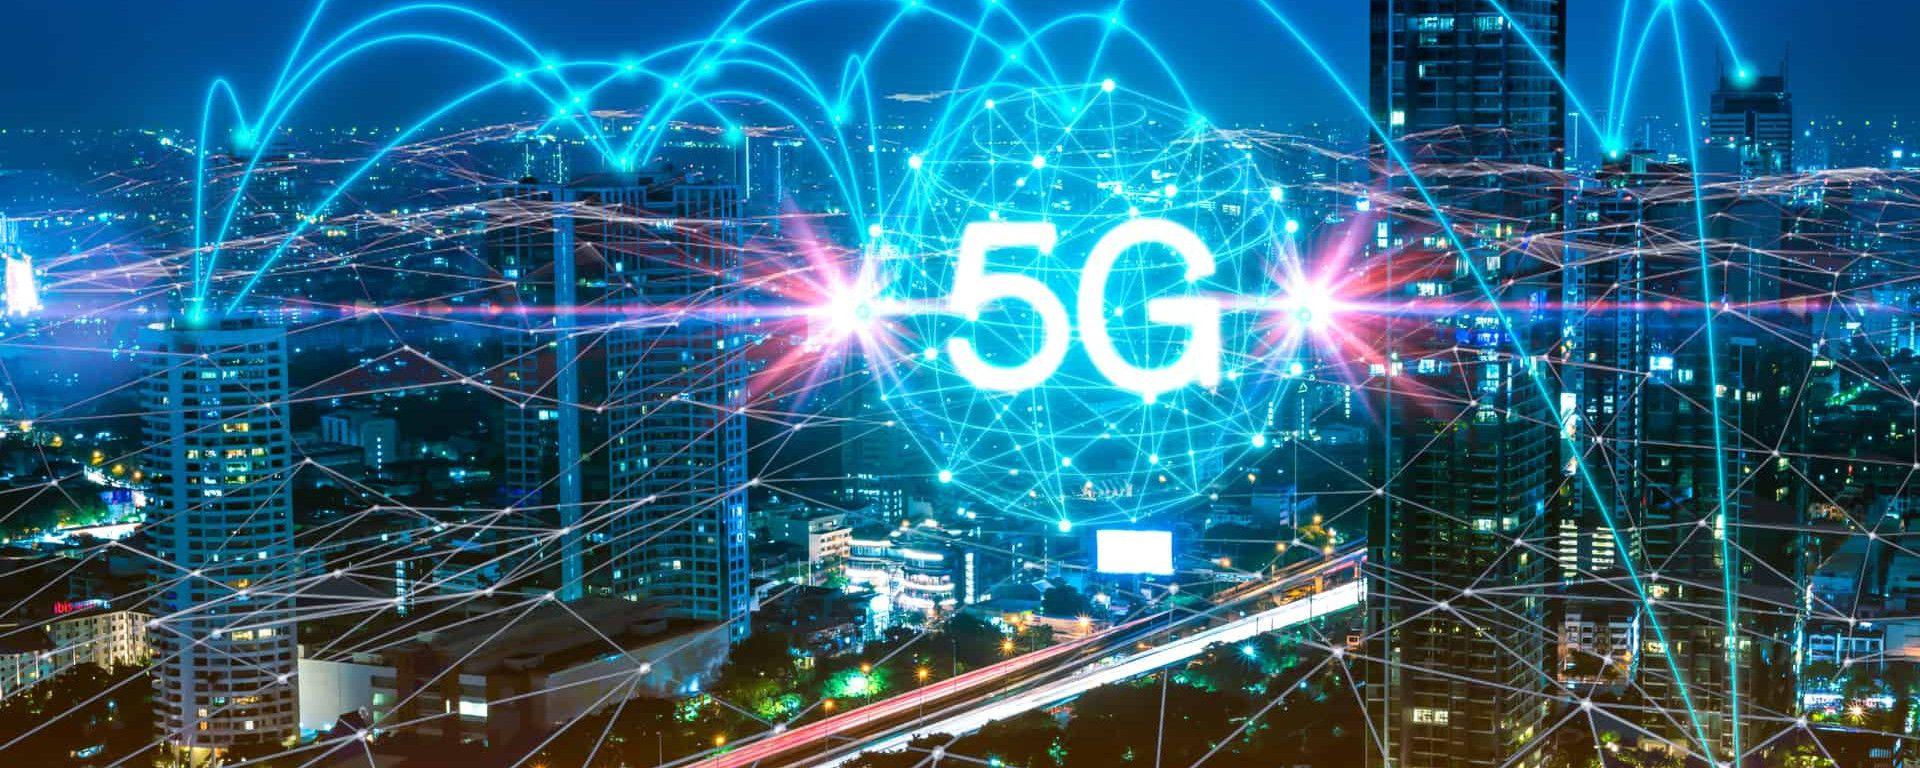 Presentata a Monza la rete 5G di TIM